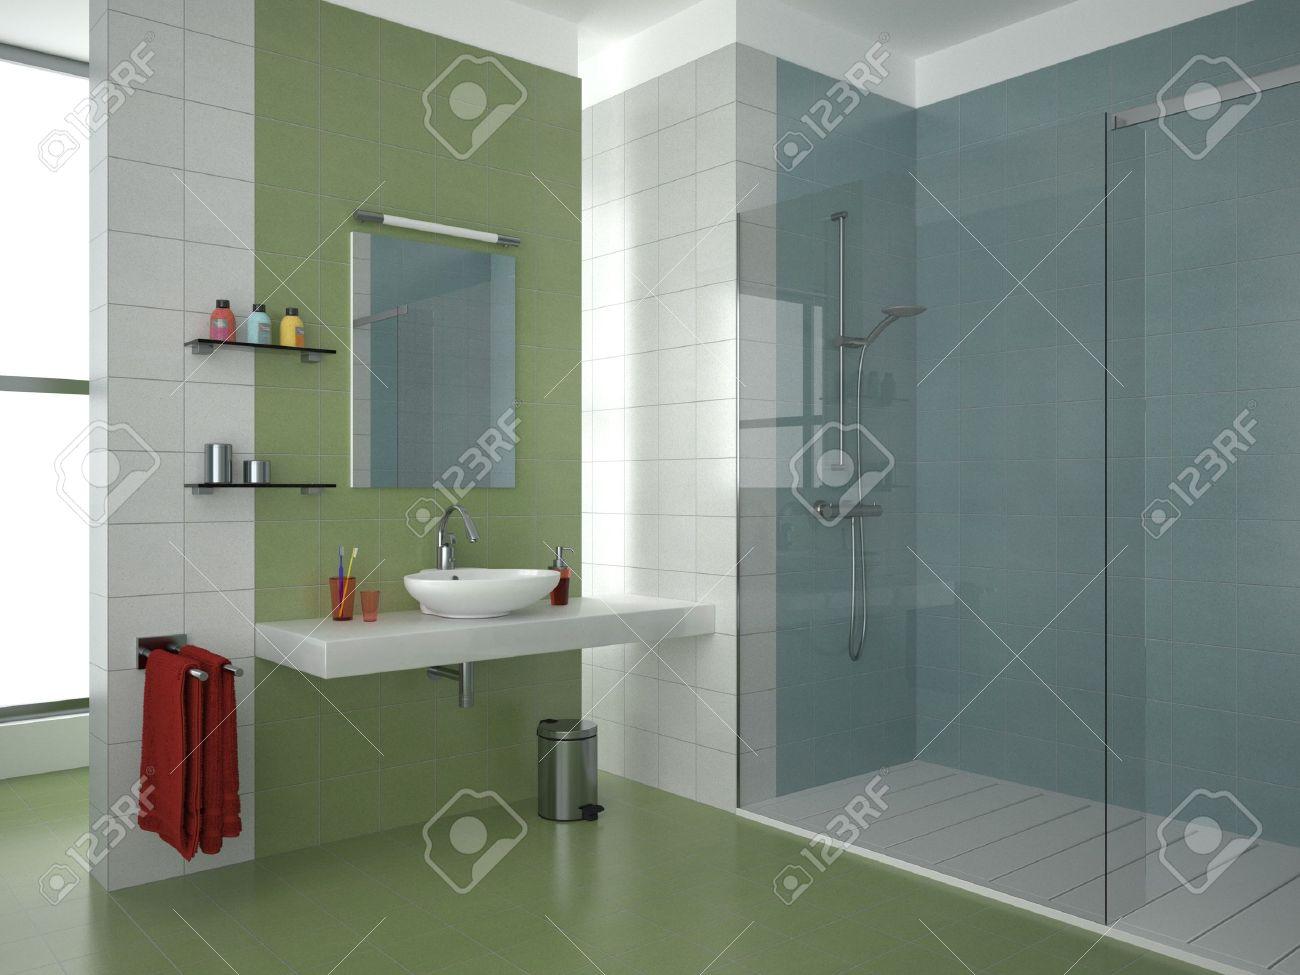 moderne badezimmer mit grün, weiß und blau-fliesen lizenzfreie